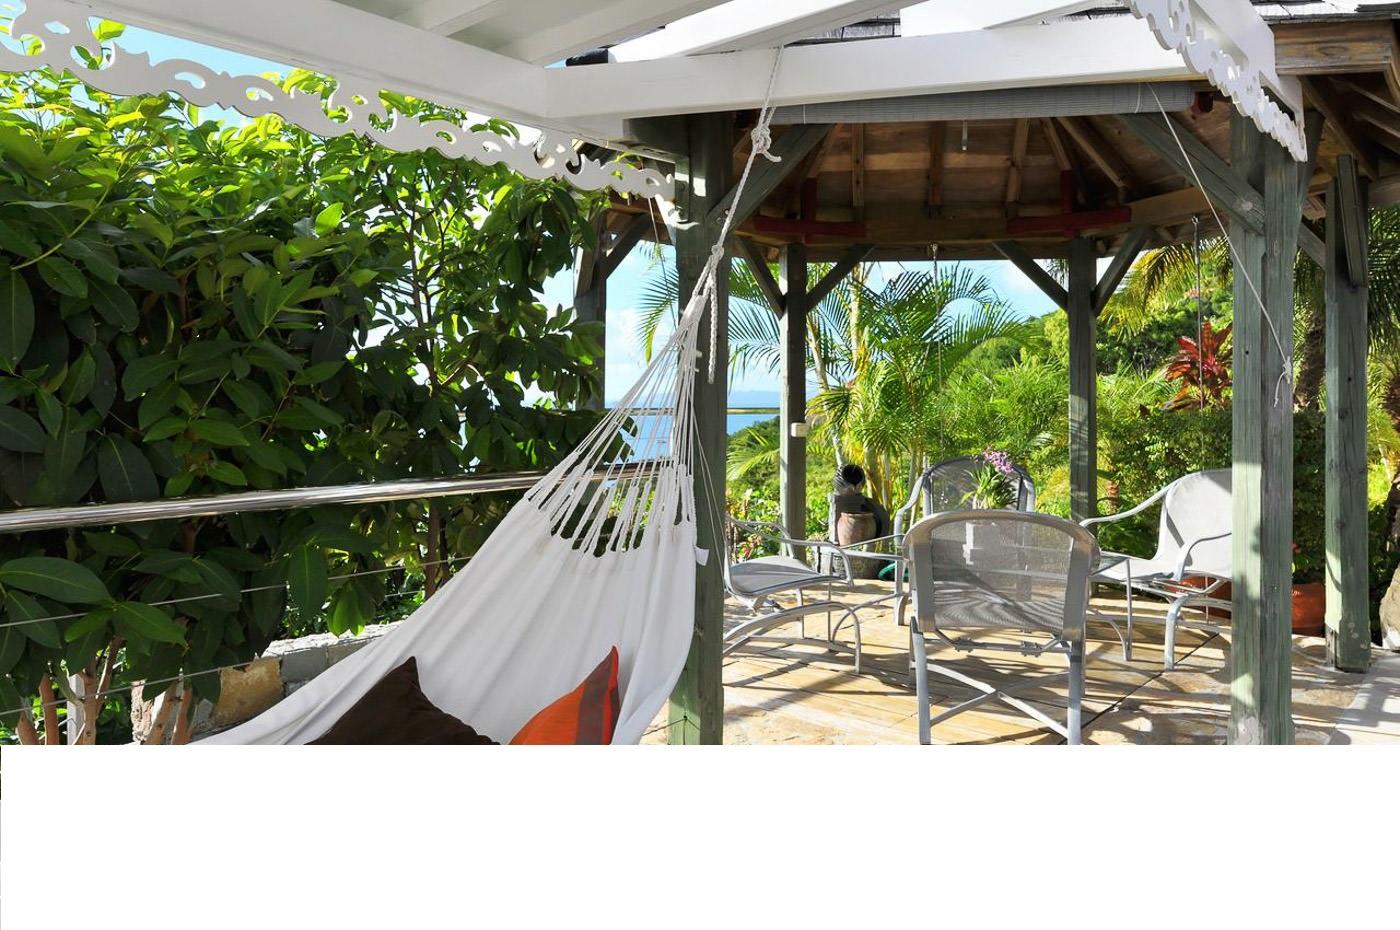 Location Villa De Luxe À St Barth Avec Piscine Privée Surplombant L'océan -  Colombier- Caraibes - Antilles Françaises serapportantà Piscine Du Colombier